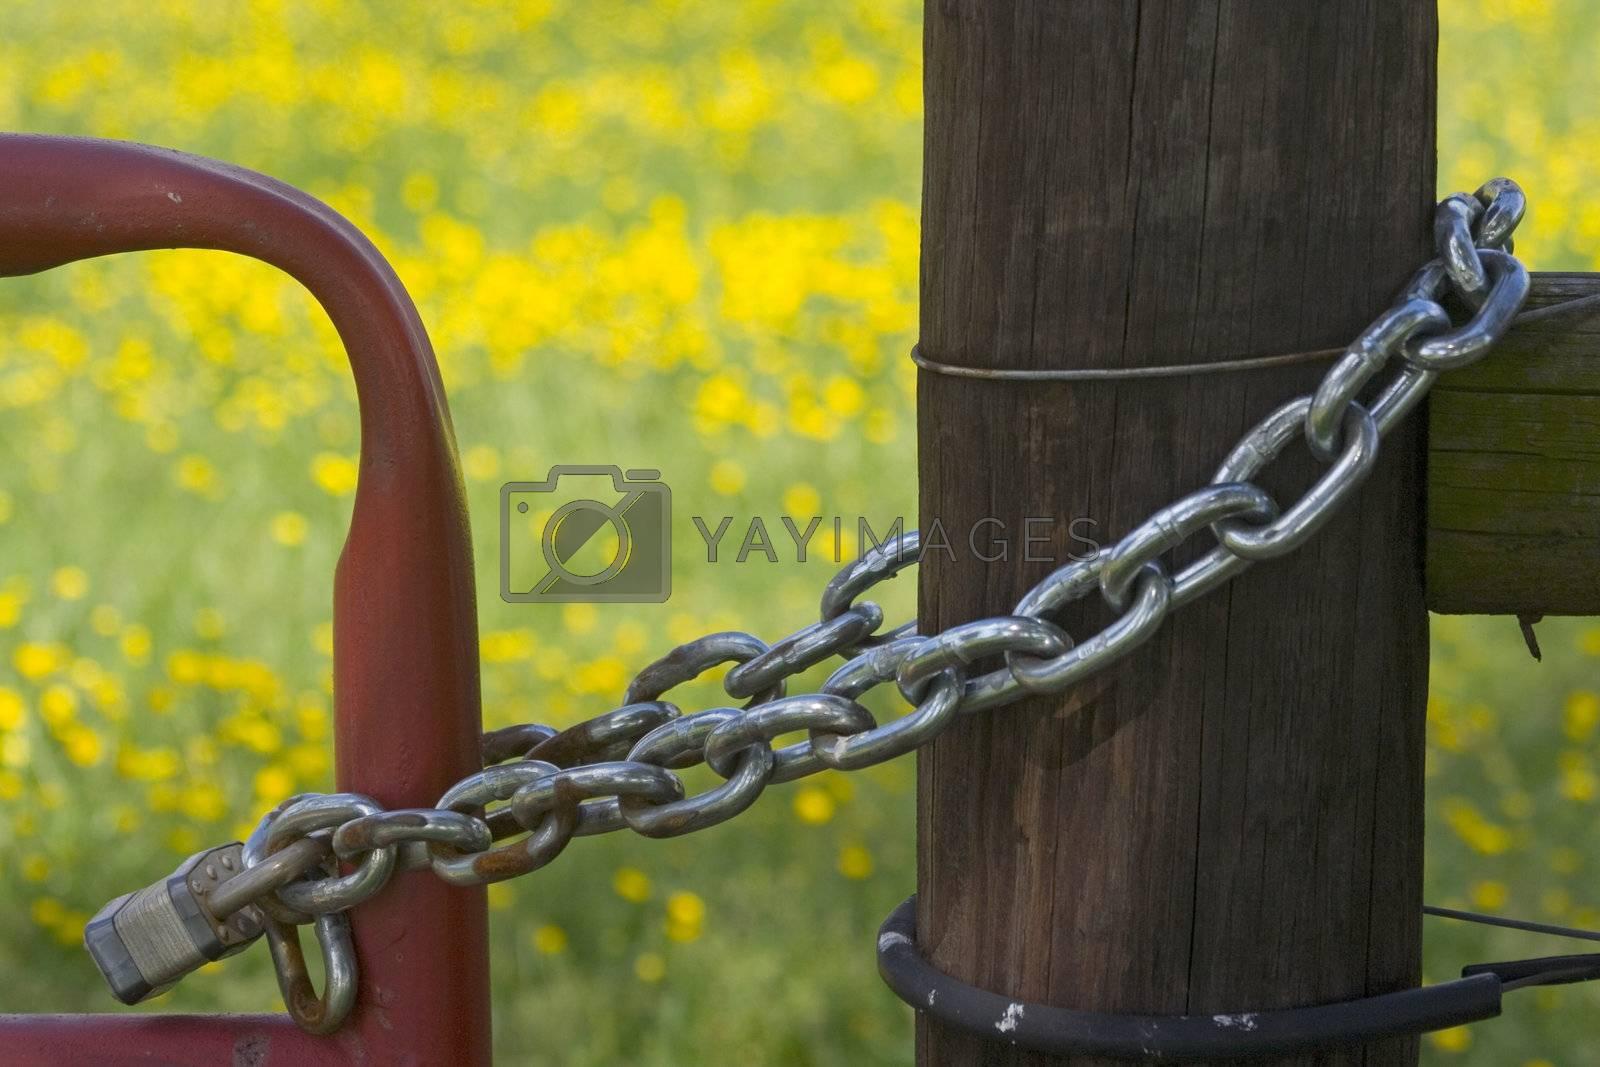 Locked Gate by jclardy